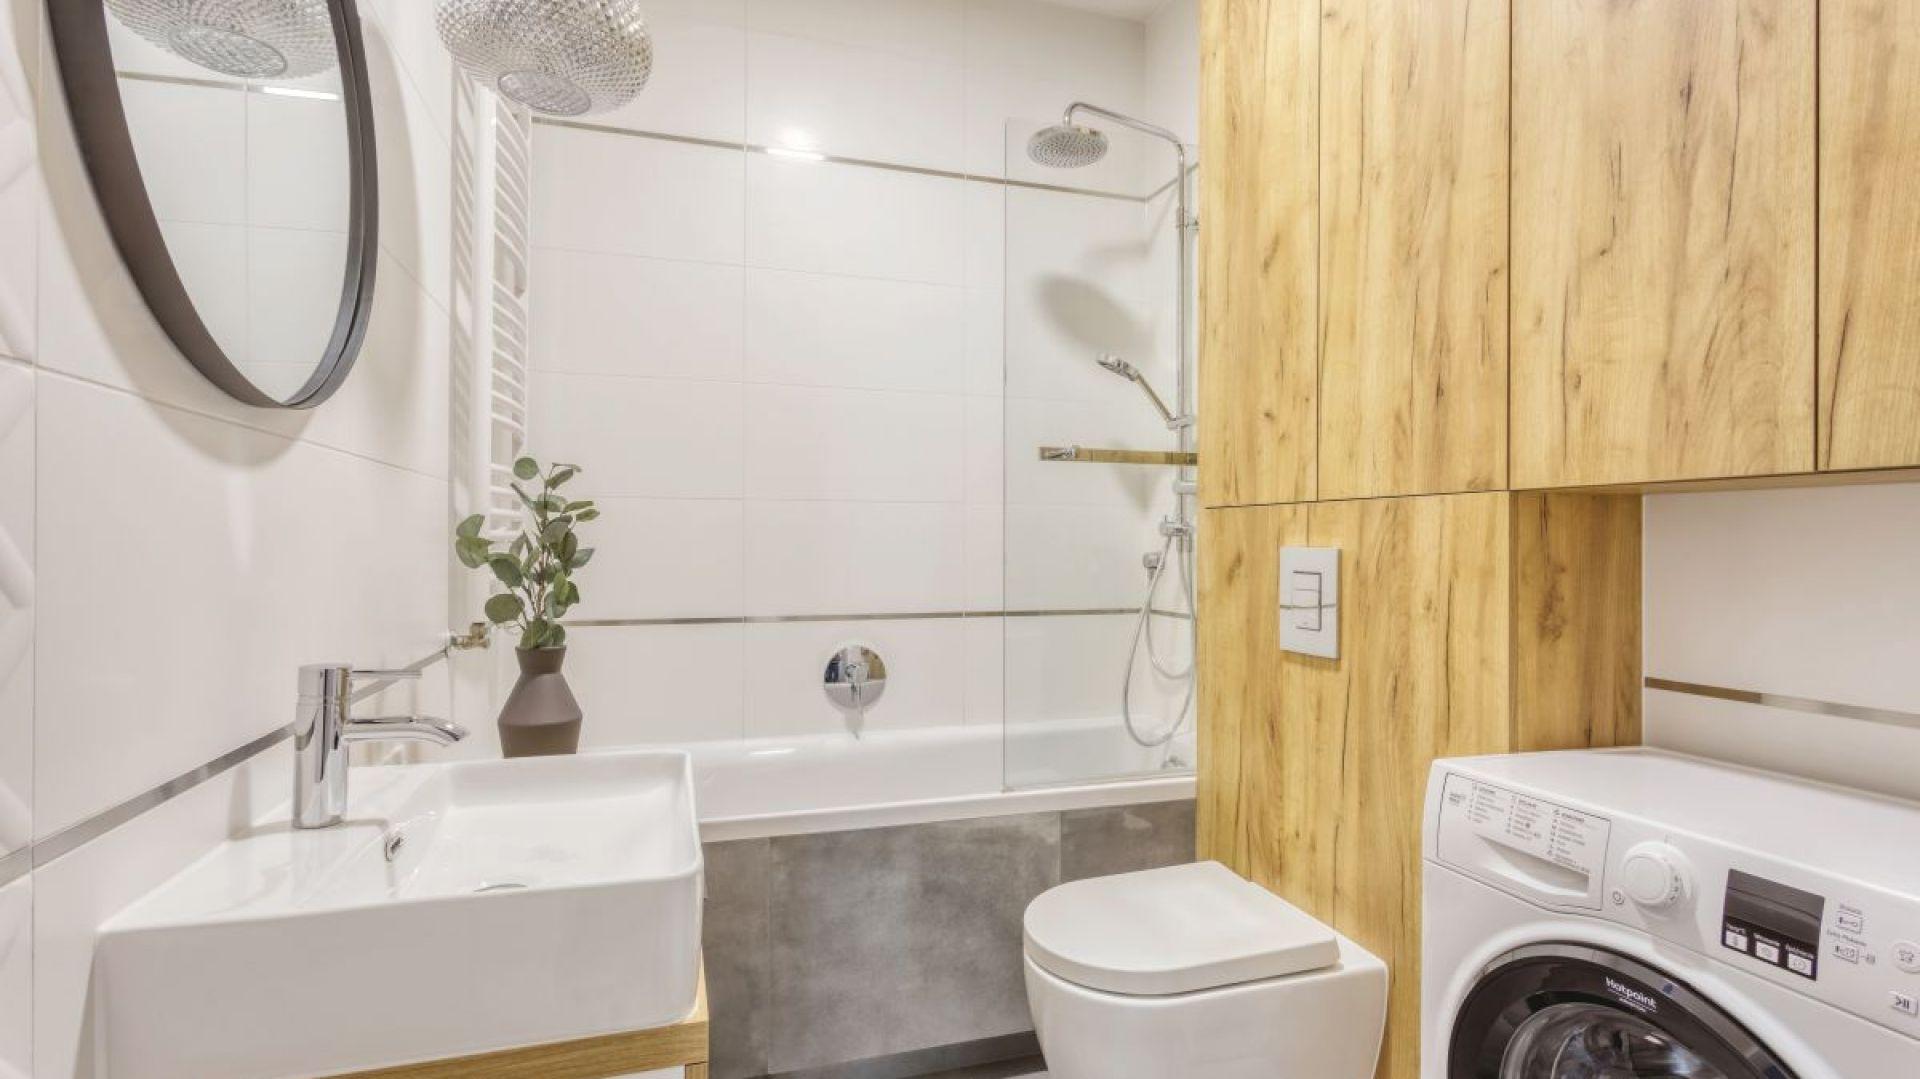 Aranżacja małej łazienki. Proj. Deer Design Pracownia Architektury, deerdesign.pl